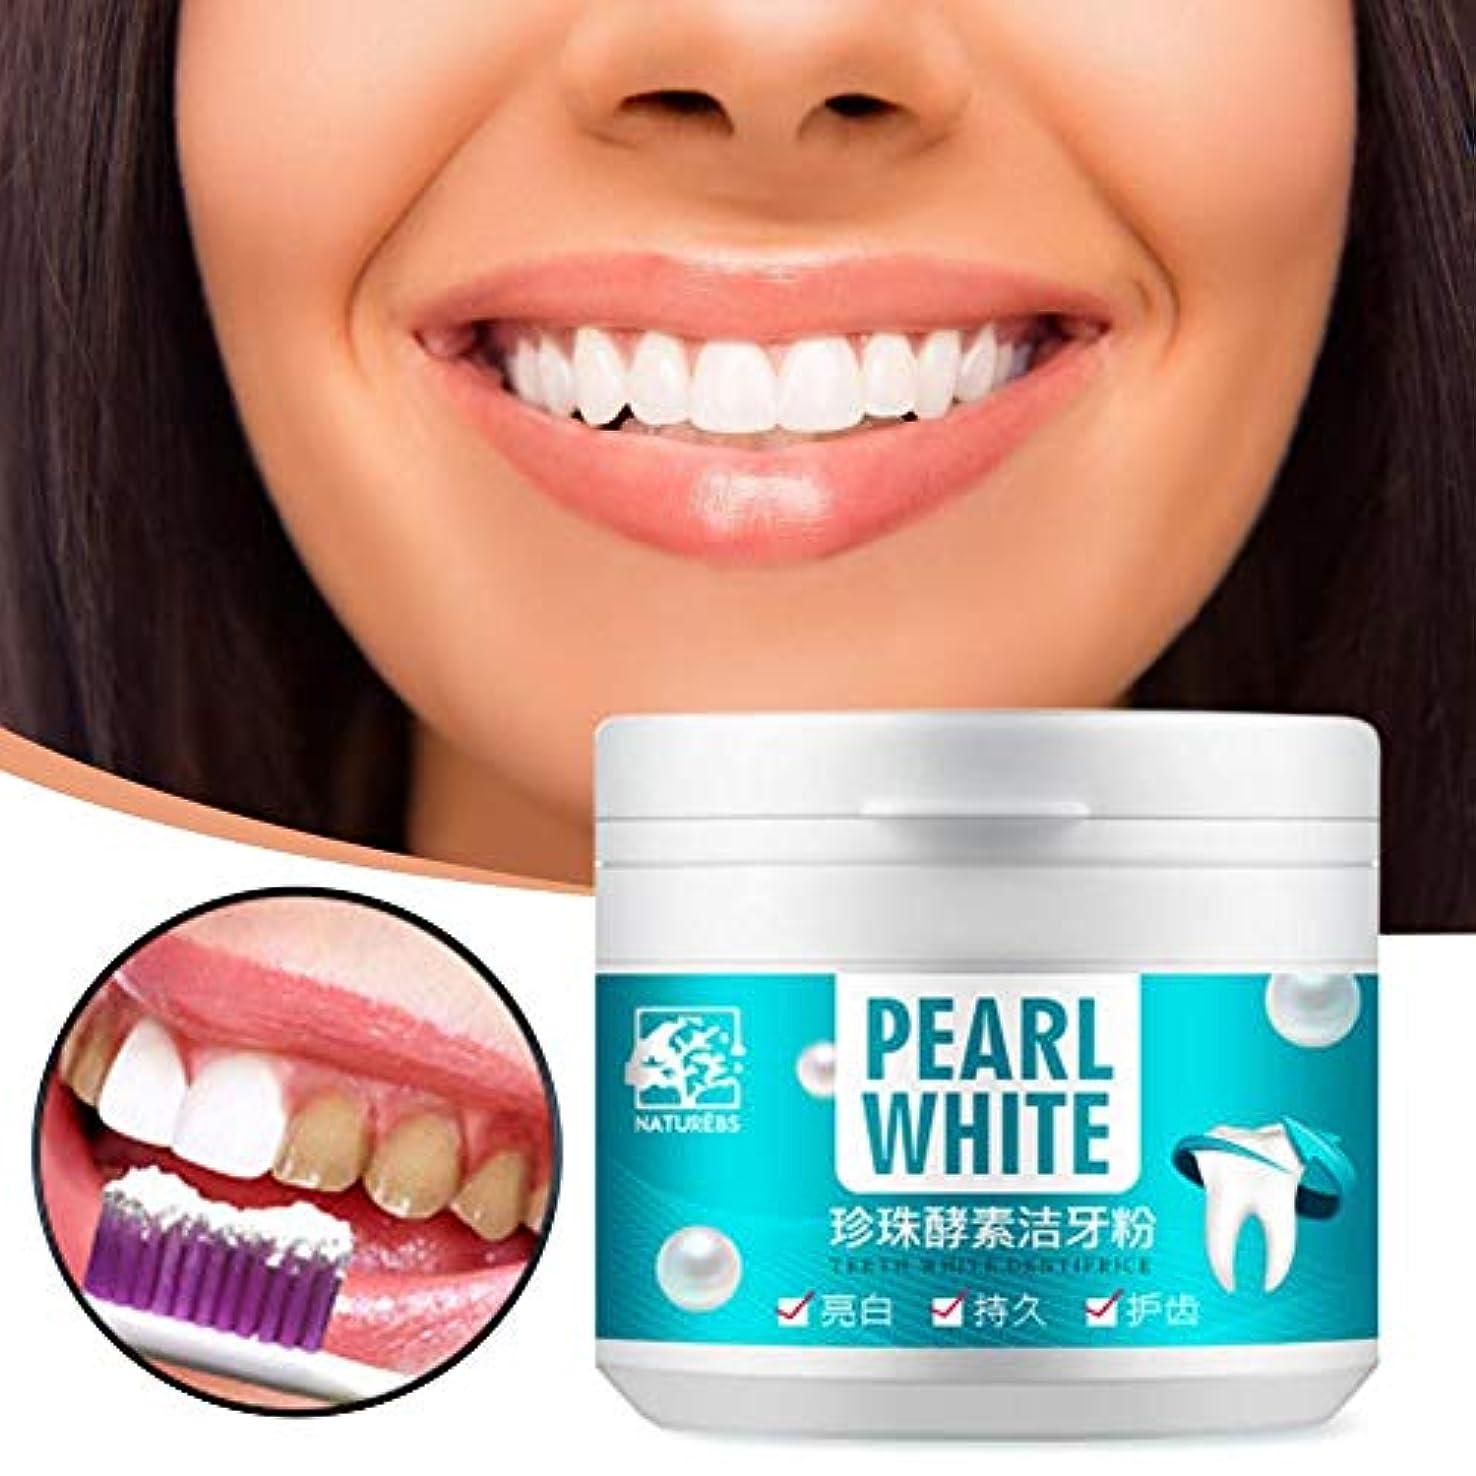 つま先将来の六分儀Ming-Dian 天然パールパワー歯のホワイトニングパウダー口臭歯石茶の汚れ歯の除去ホワイト歯磨剤